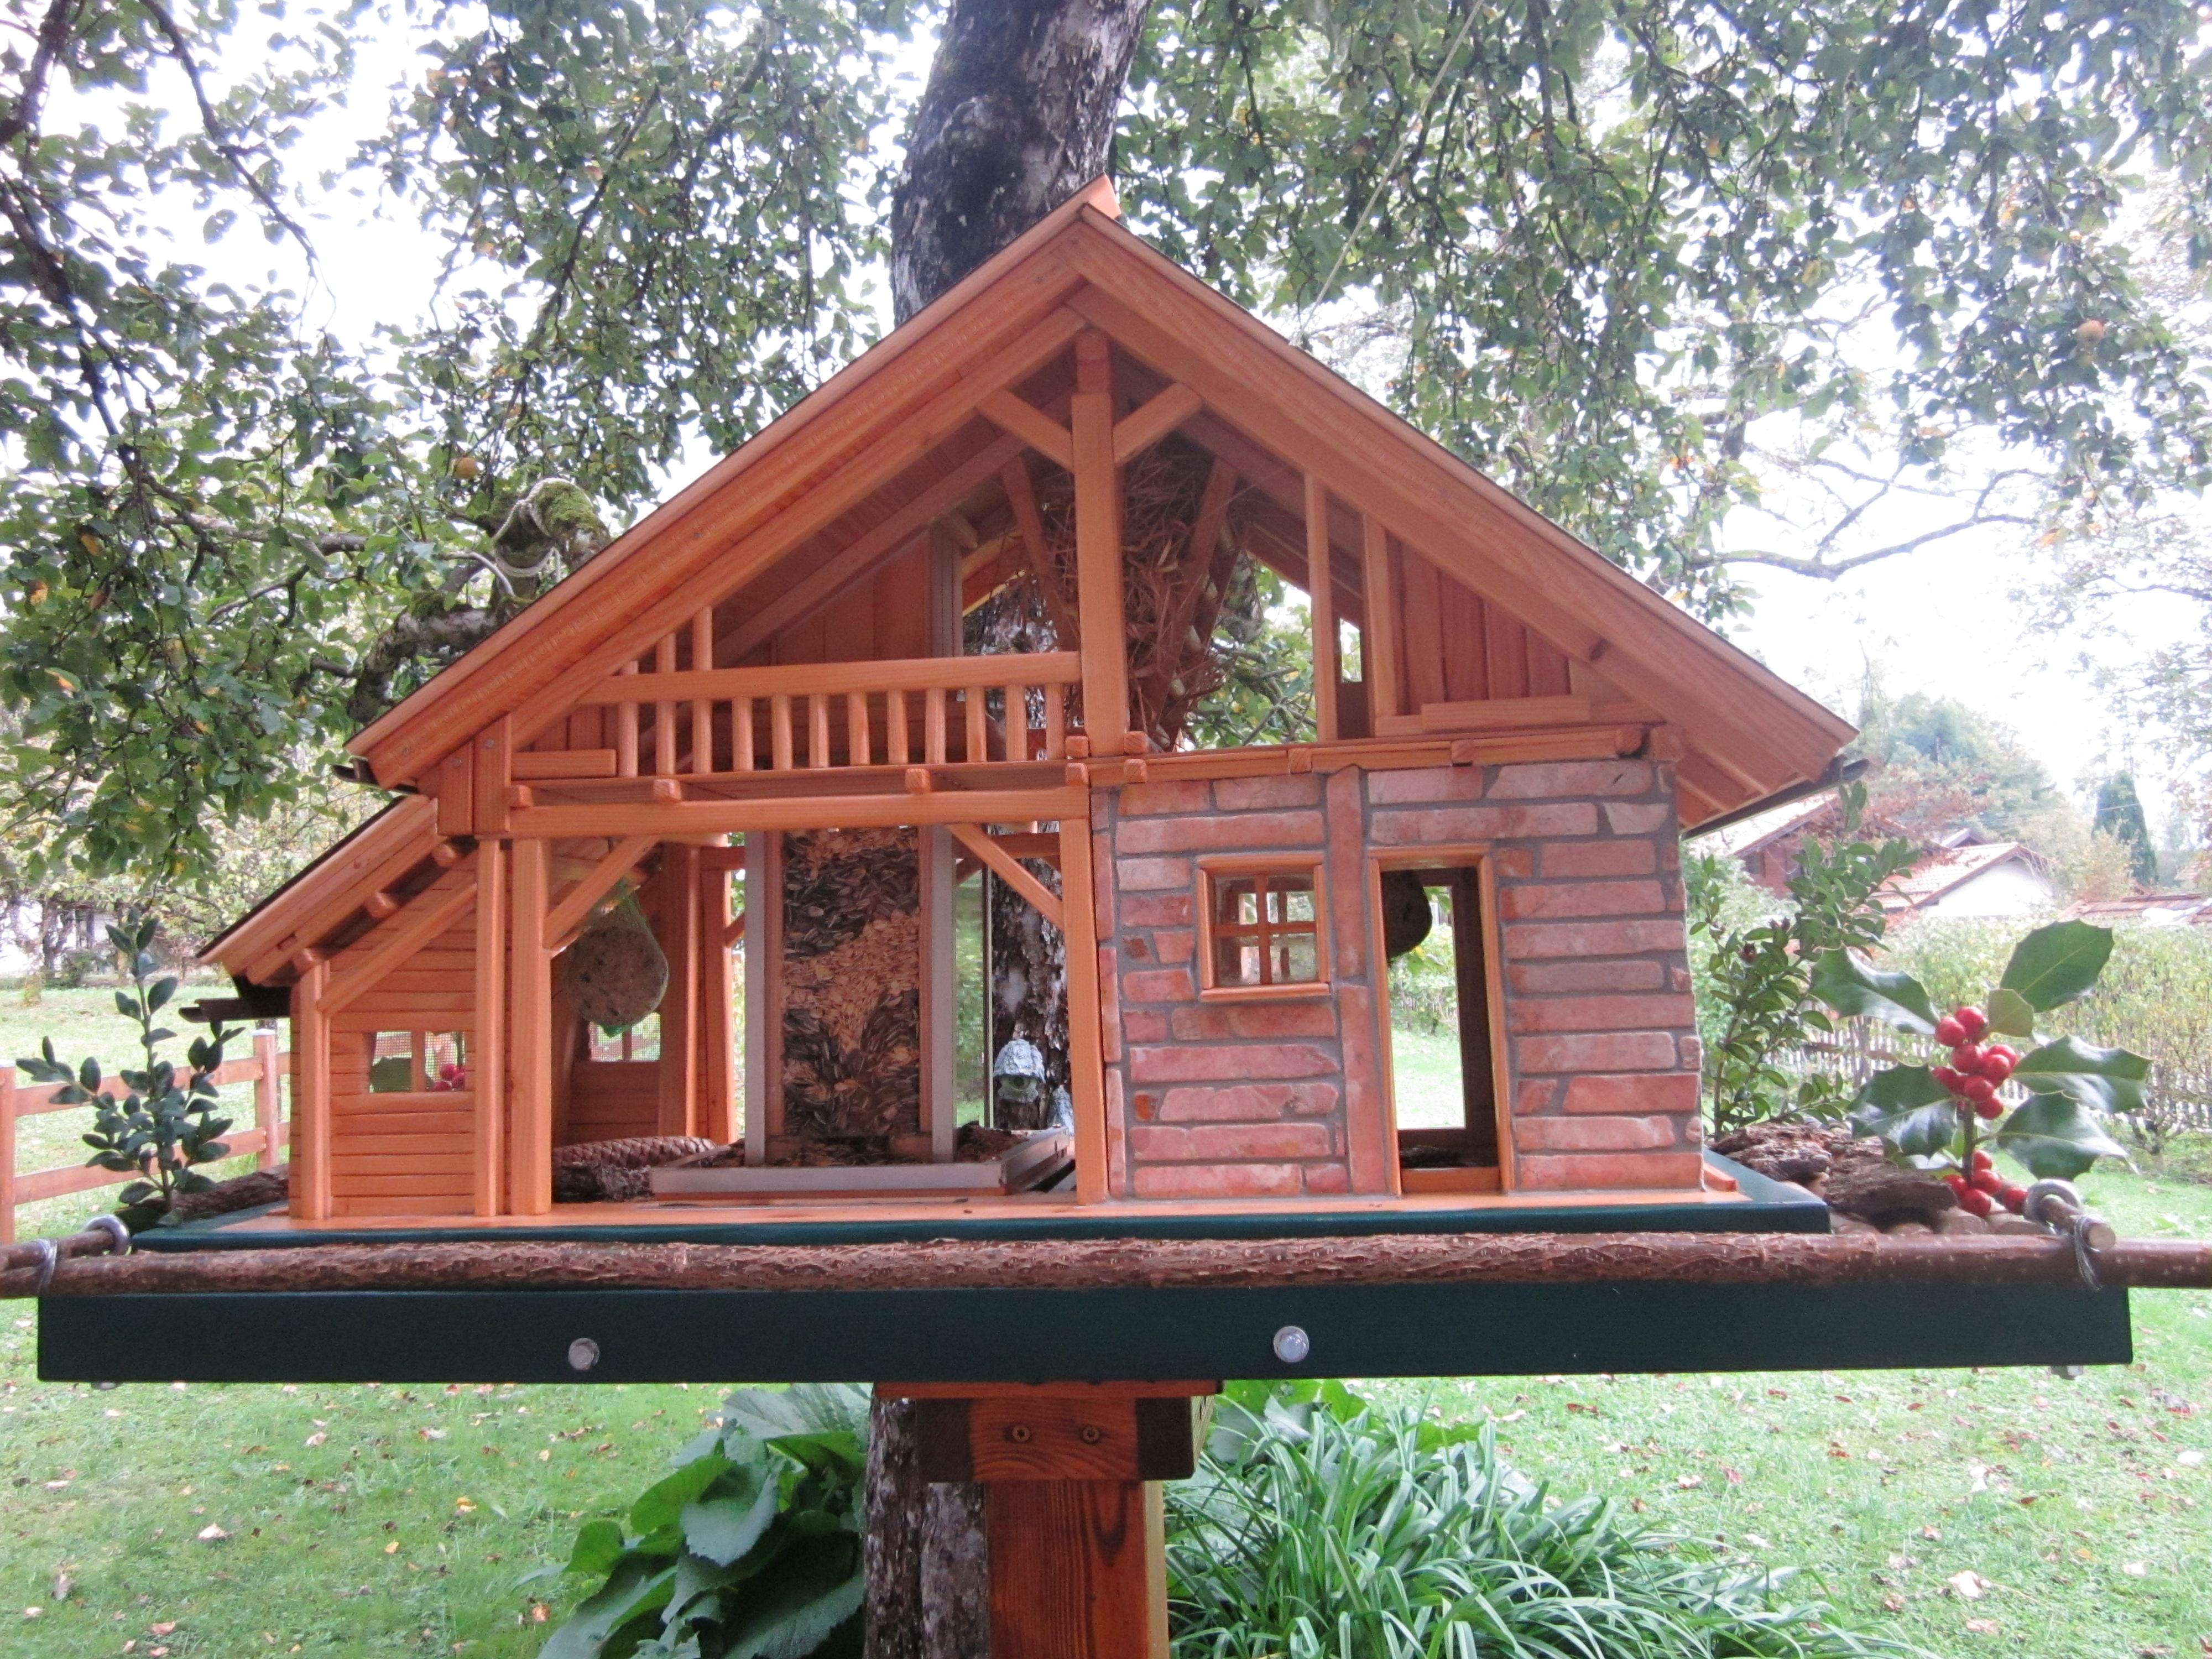 Vogelhaus Bild 6